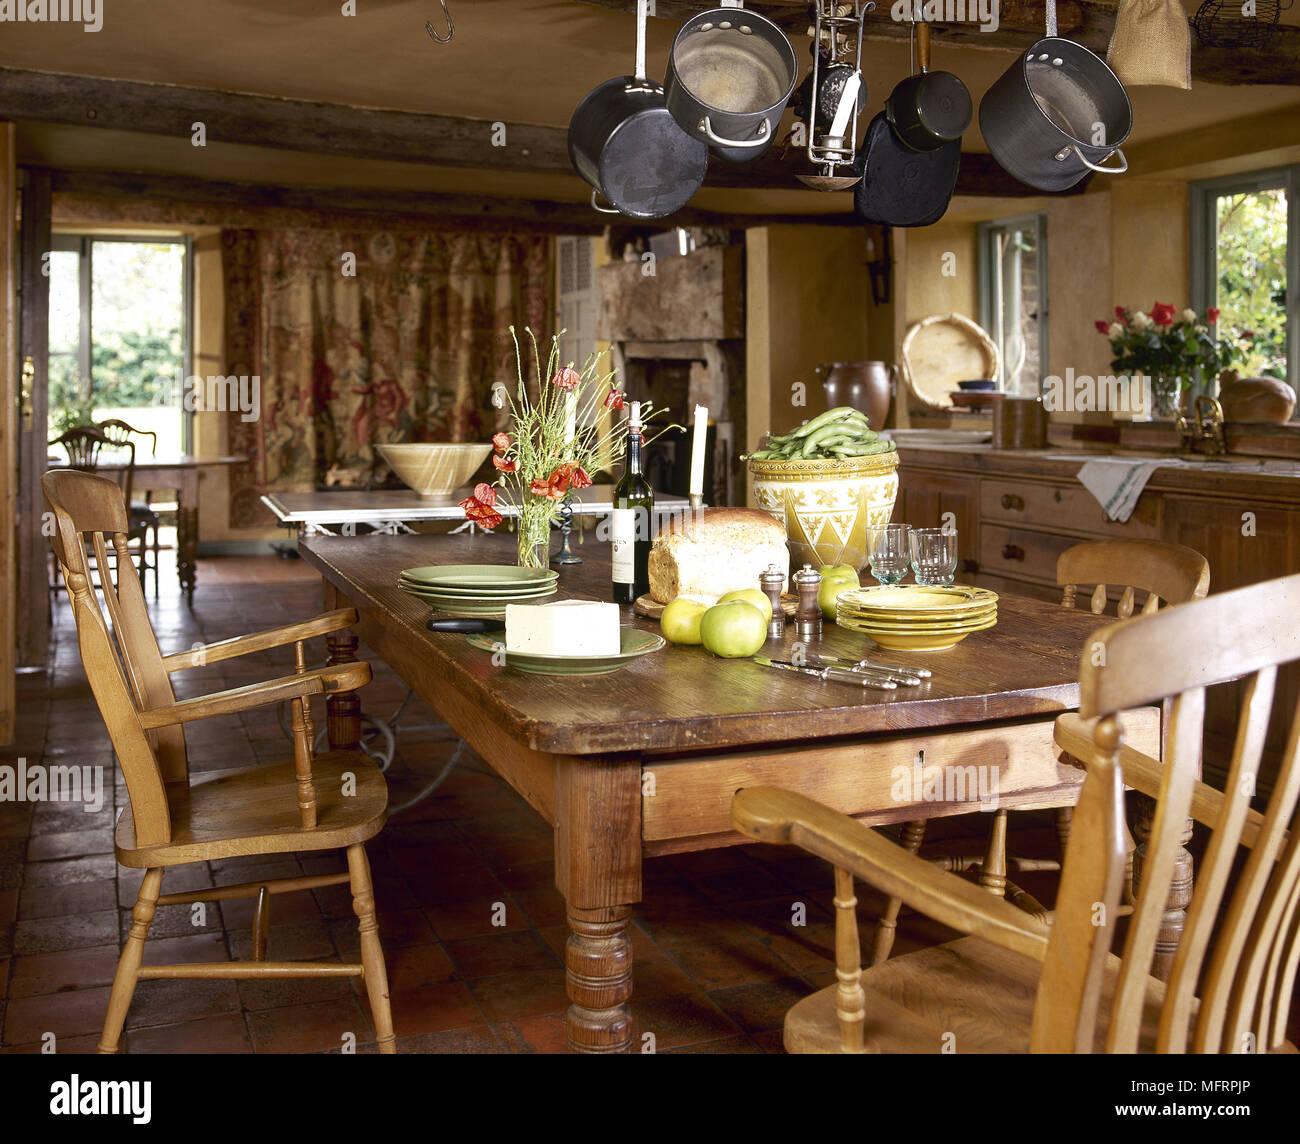 Kuche Im Landhausstil Mit Pinien Esstisch Und Stuhle Stockfoto Bild